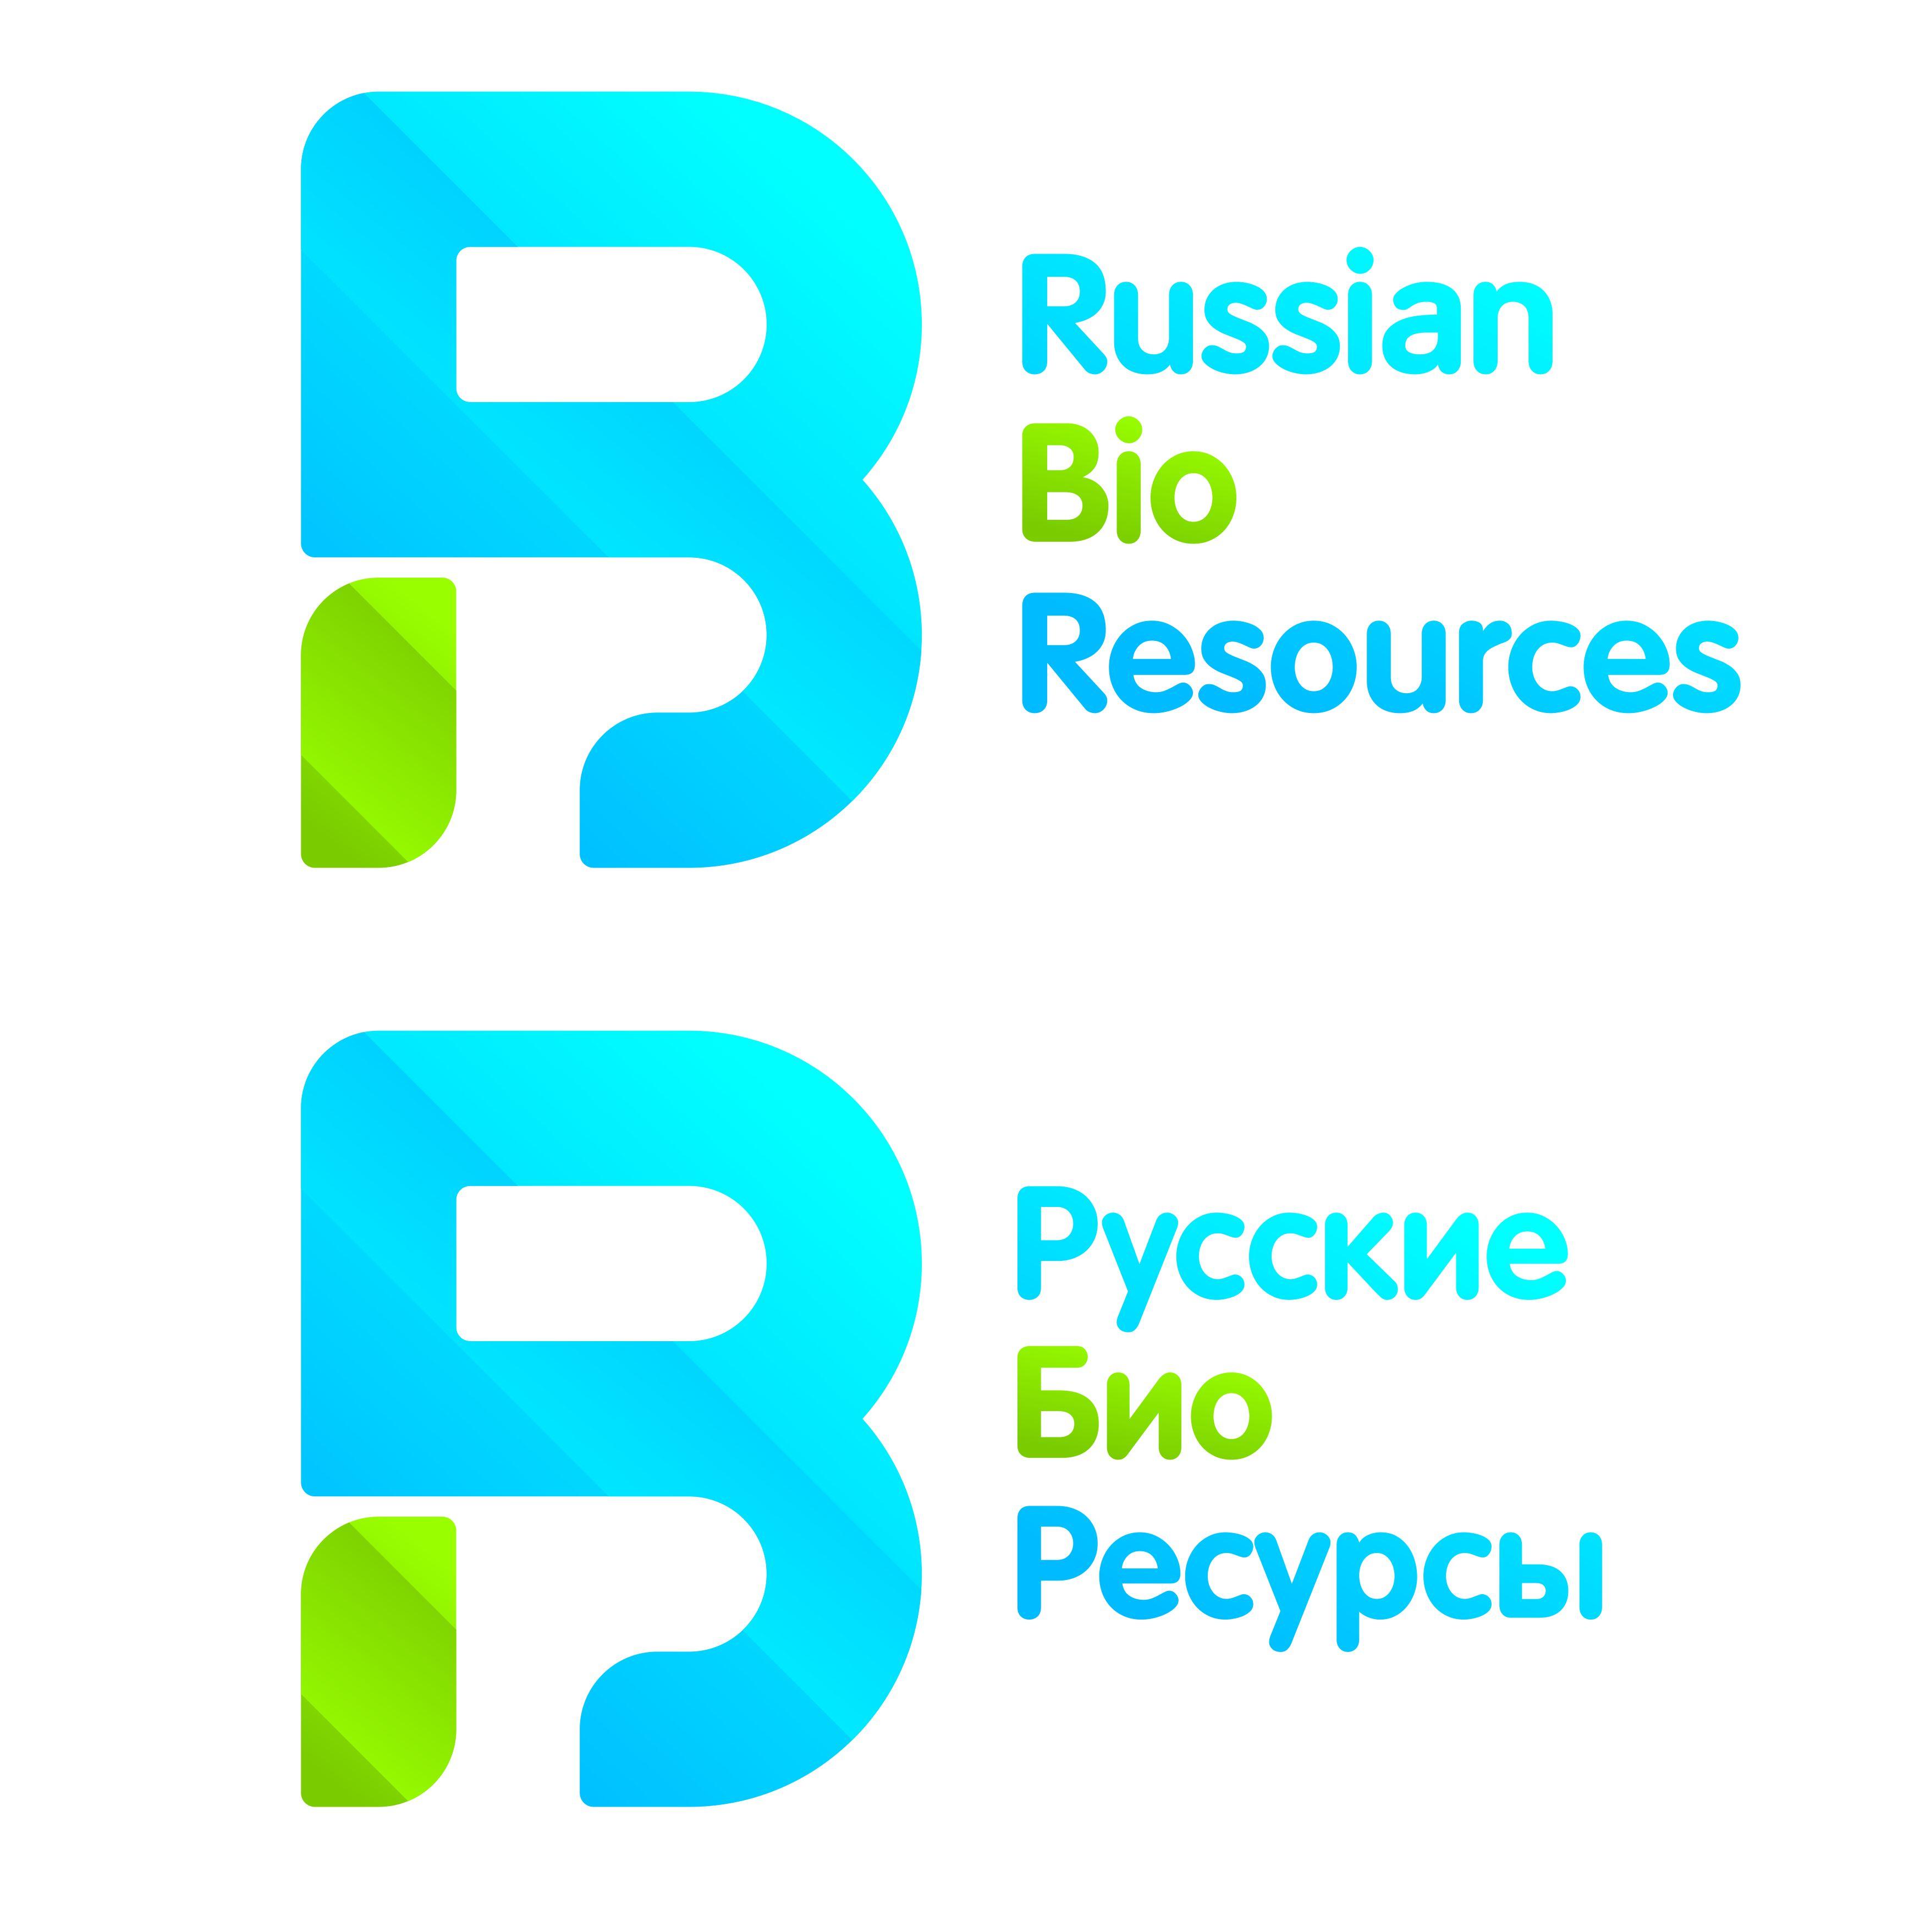 Разработка логотипа для компании «Русские Био Ресурсы» фото f_02958fceb440ebd2.jpg